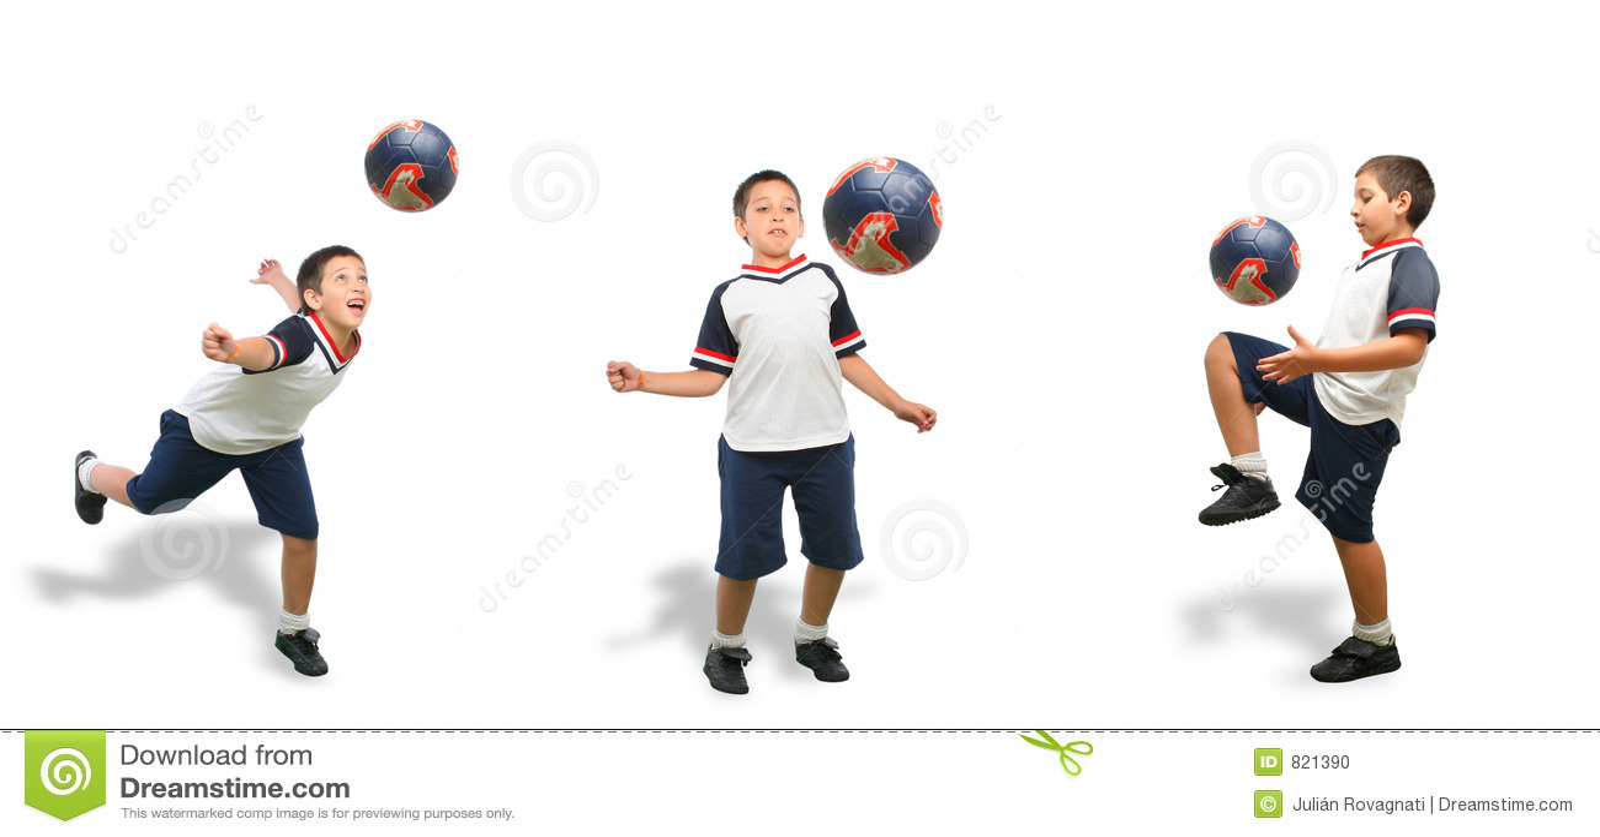 Jedyny dzieciak grać w piłkę